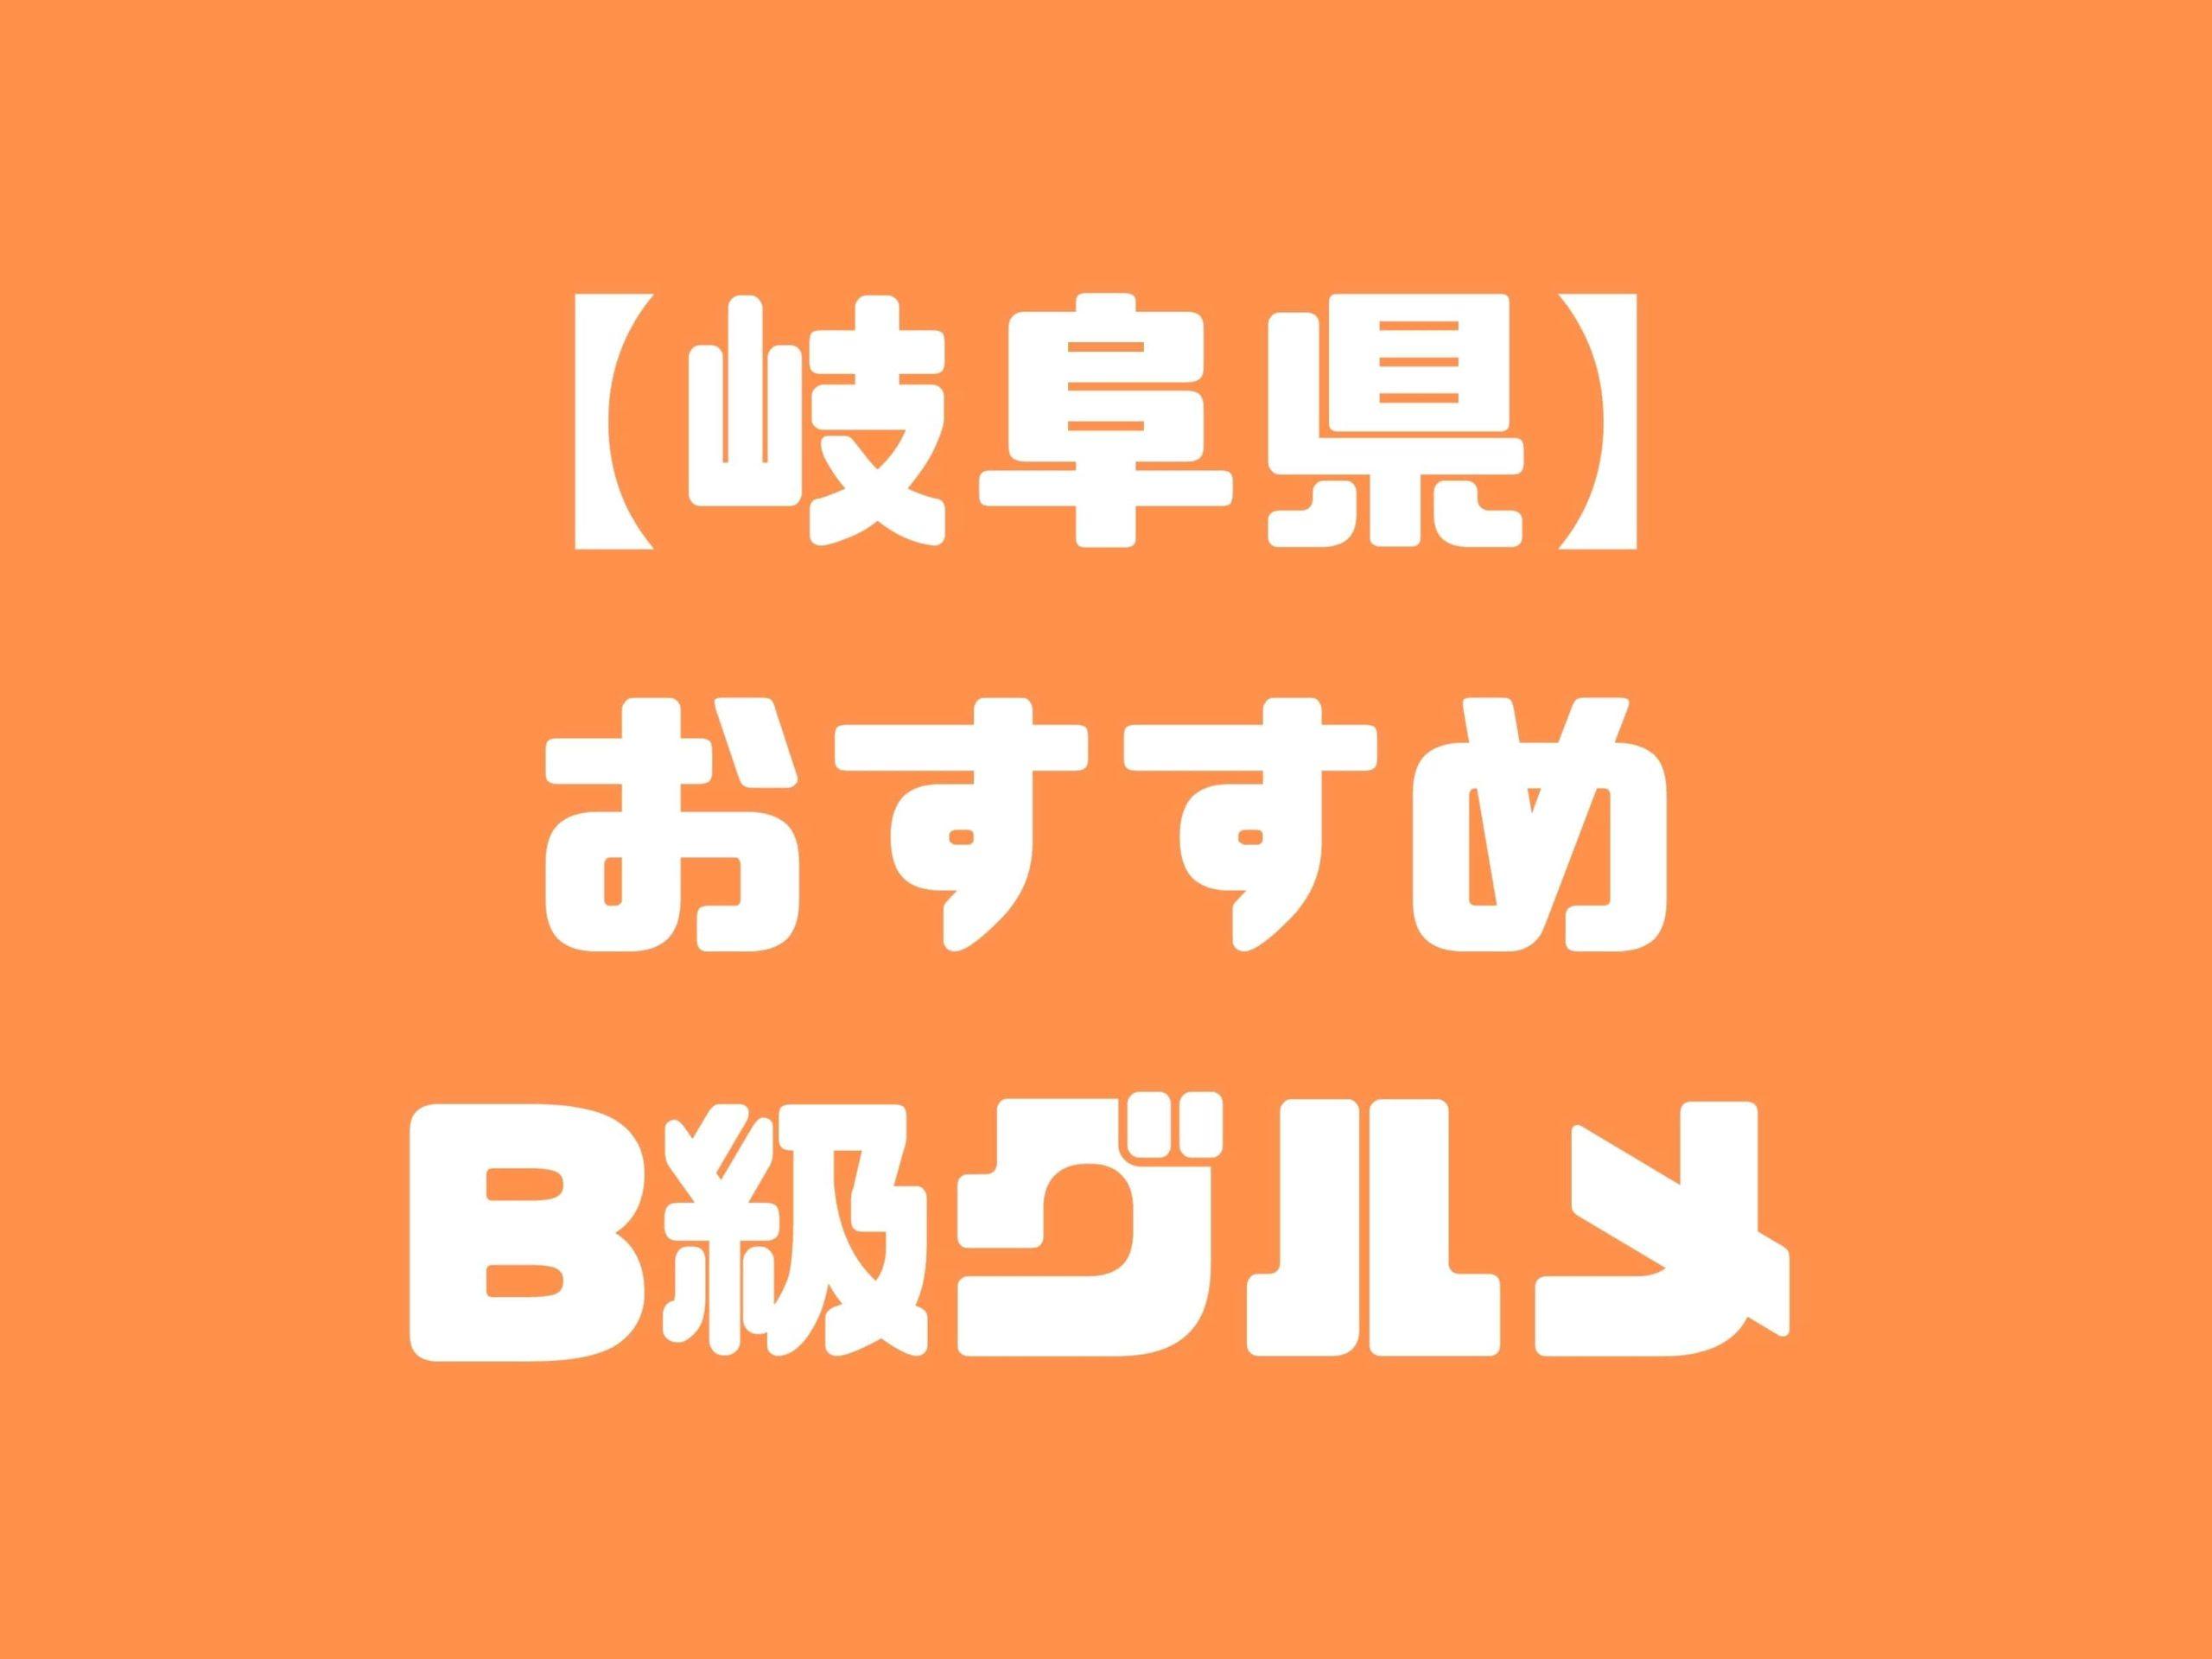 【岐阜県版】秘密のケンミンSHOWまとめ